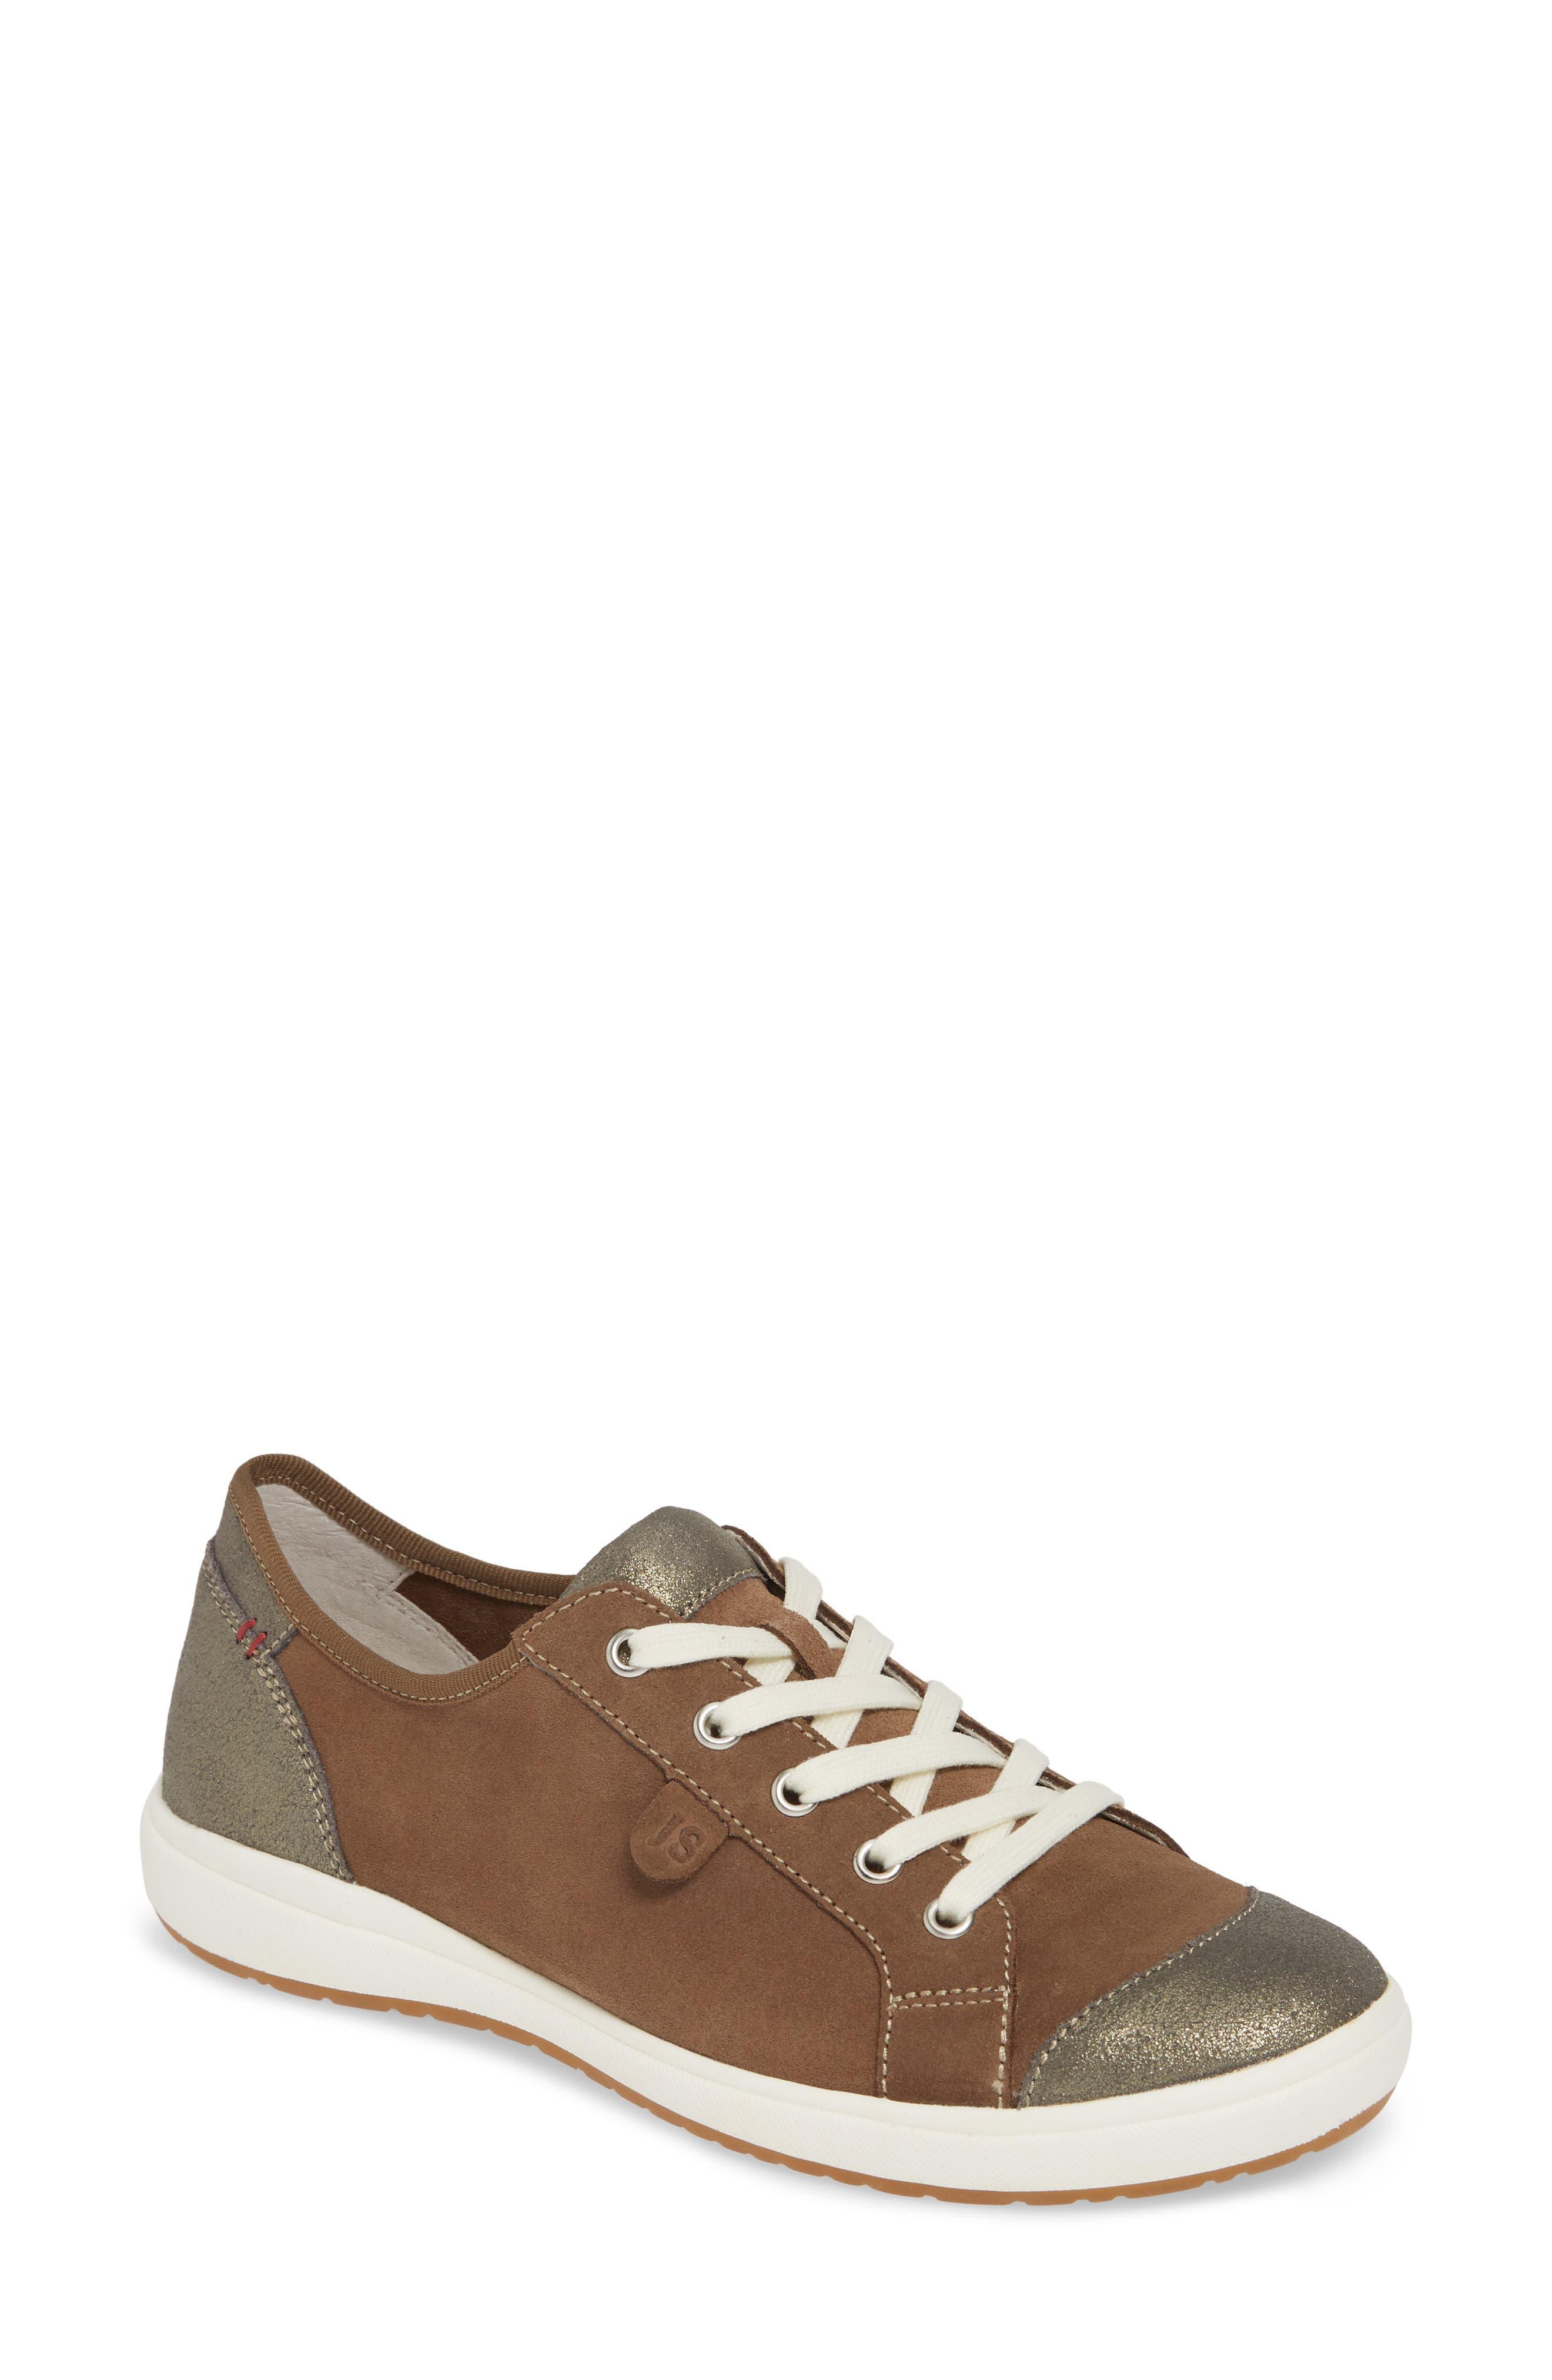 Josef Seibel Caren 08 Sneaker, Grey